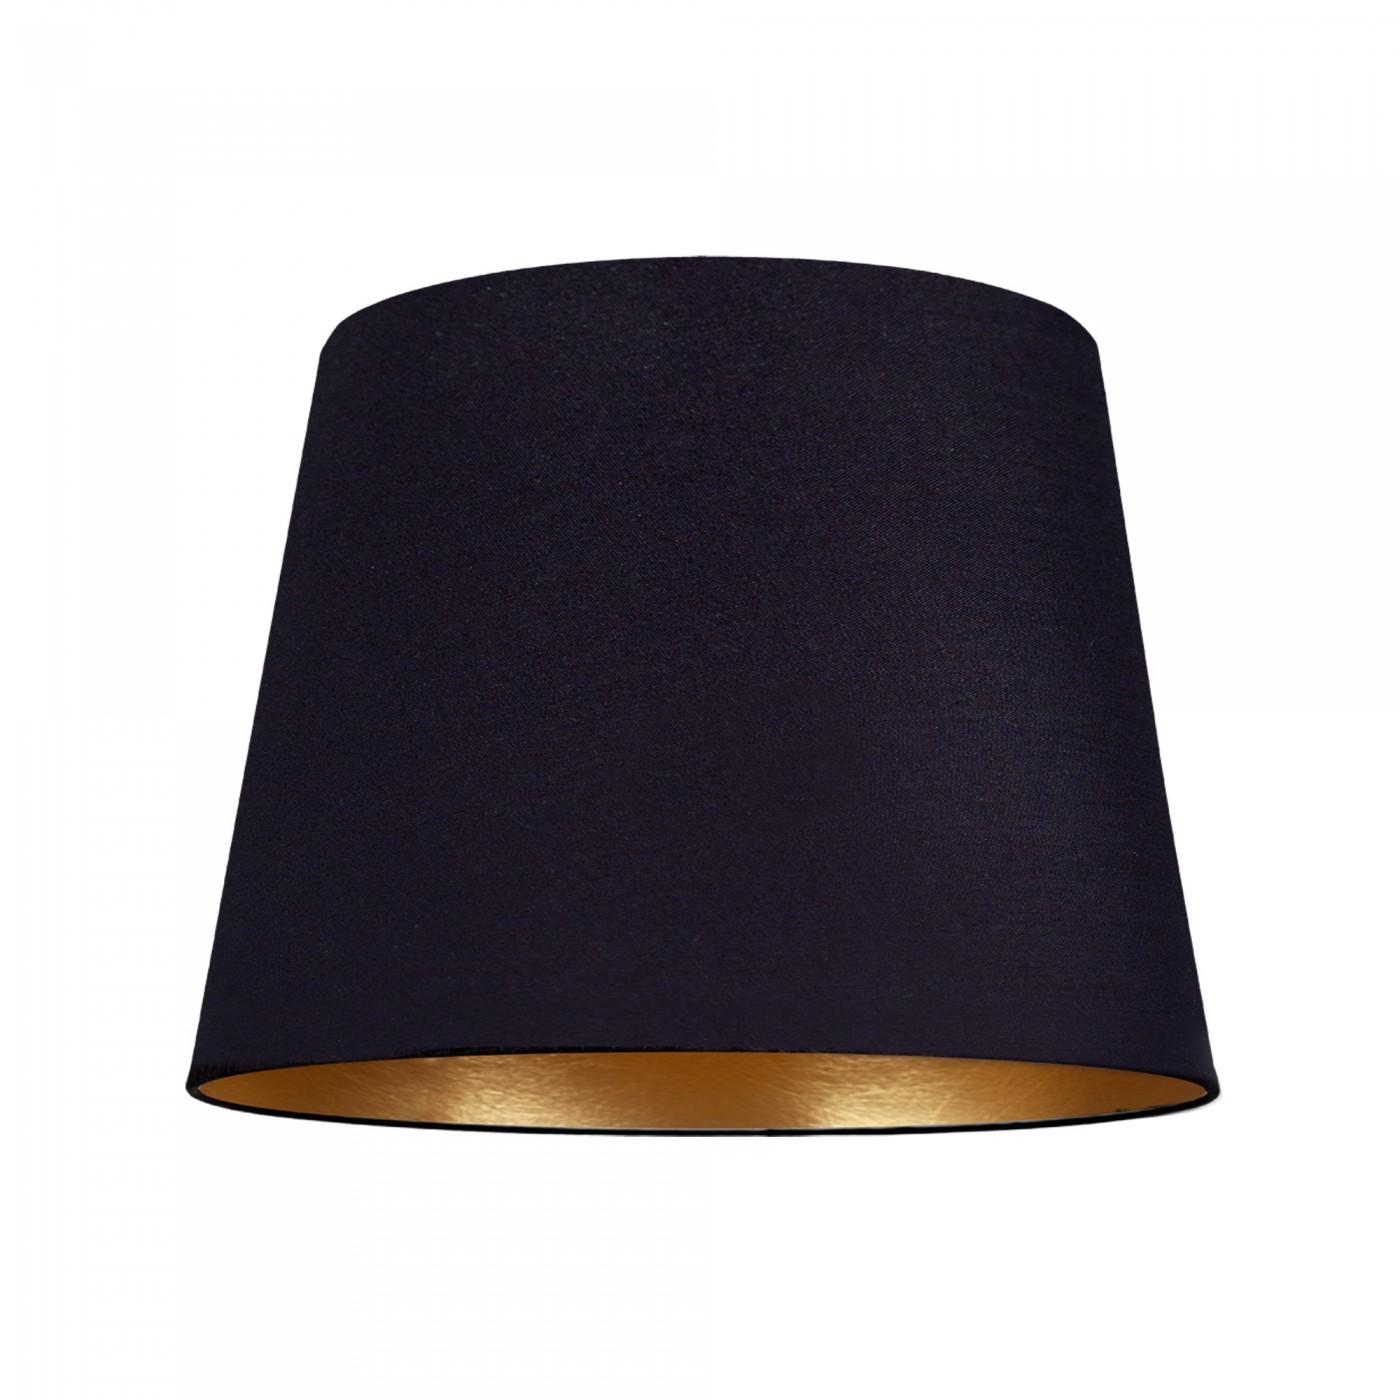 CAMELEON CONE L BL/G 8406 Nowodvorski Lighting